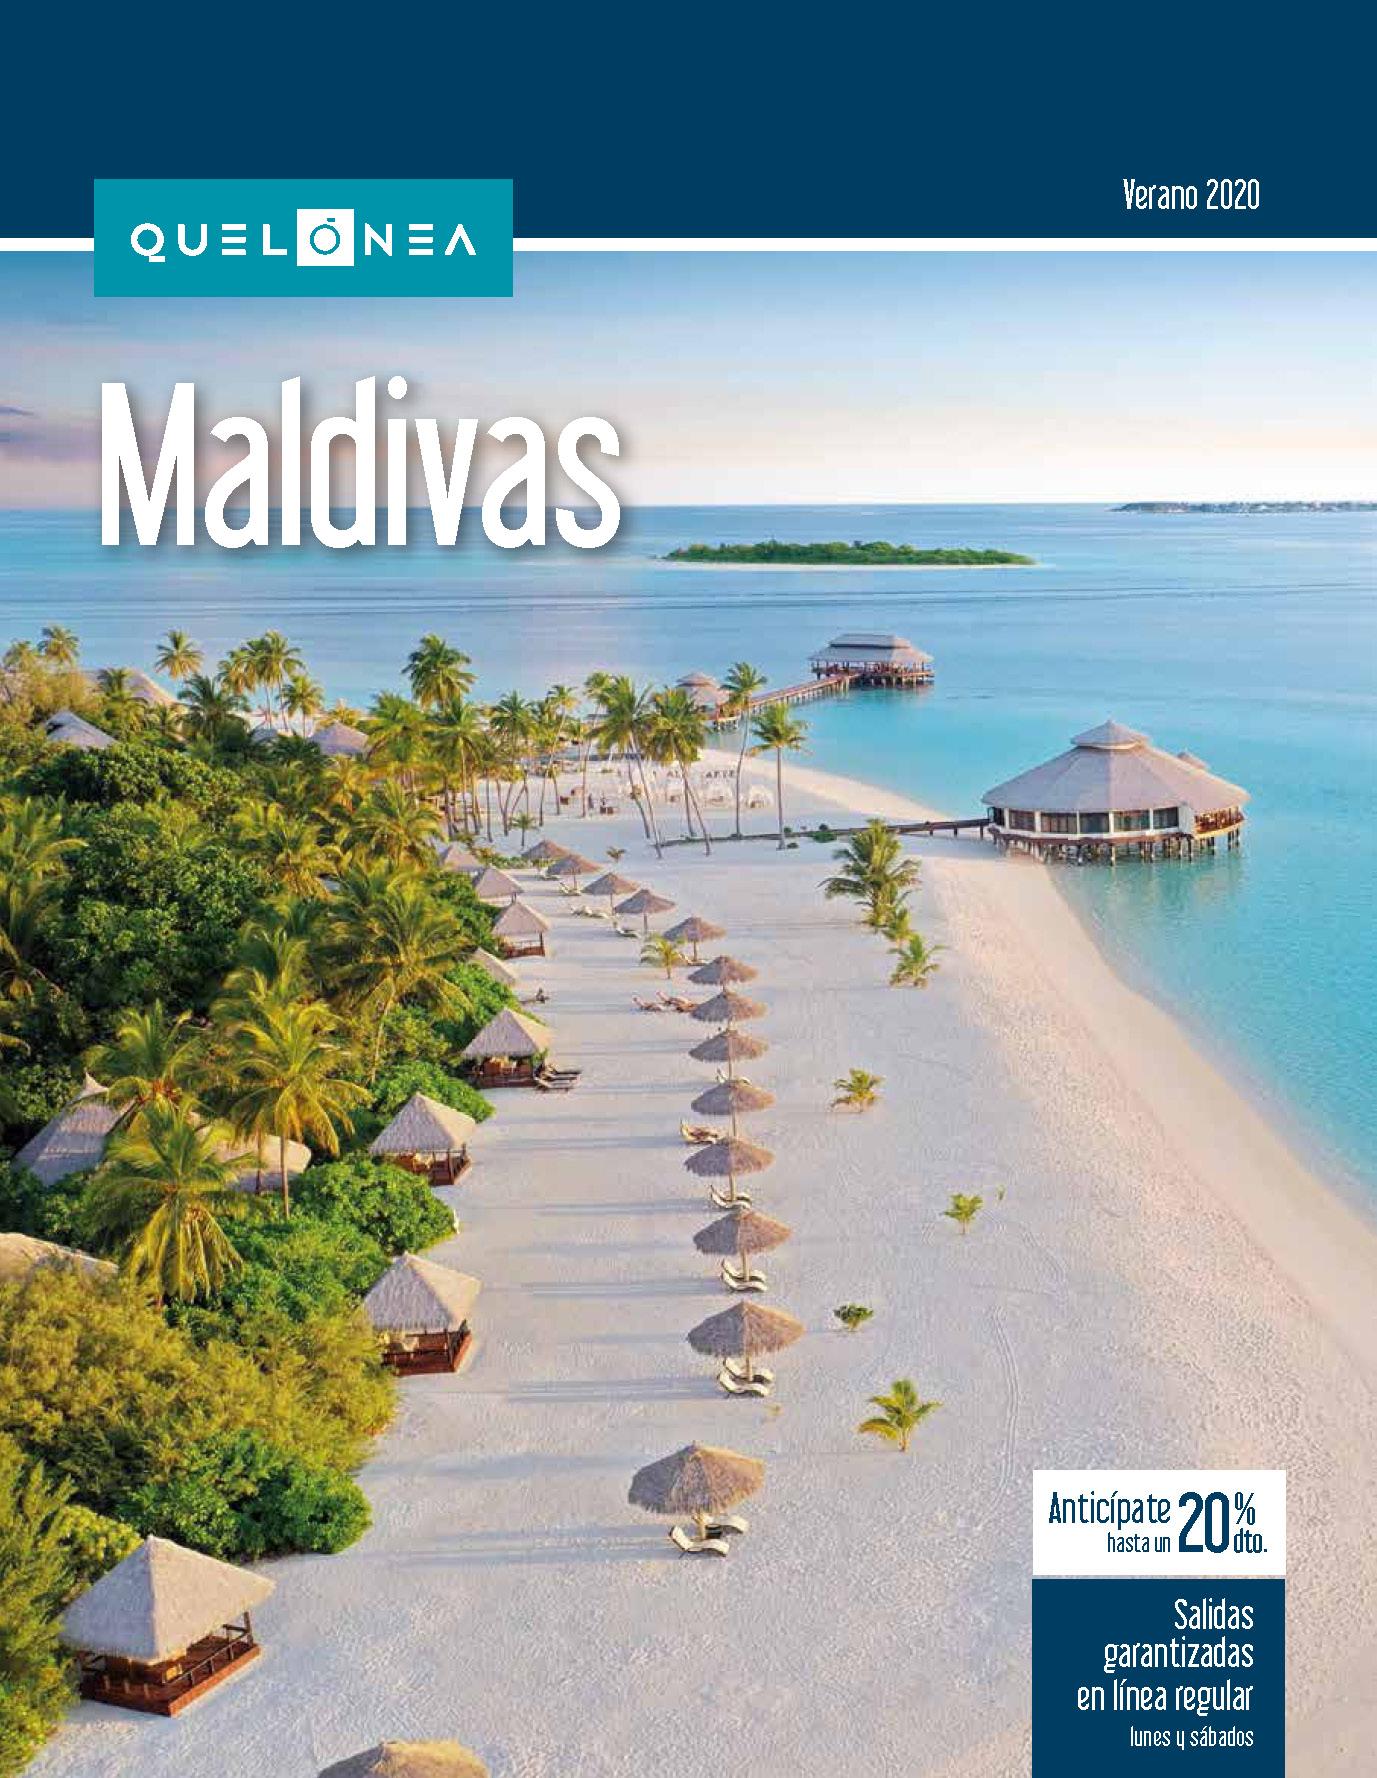 Catalogo Quelonea Maldivas Verano 2020